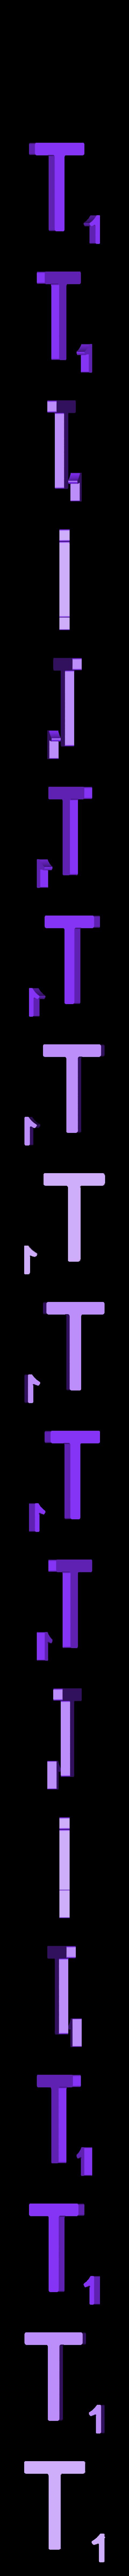 Dual_Letter_T.STL Télécharger fichier STL gratuit Pièces et support SCRABBBLE • Design pour imprimante 3D, Balkhagal4D